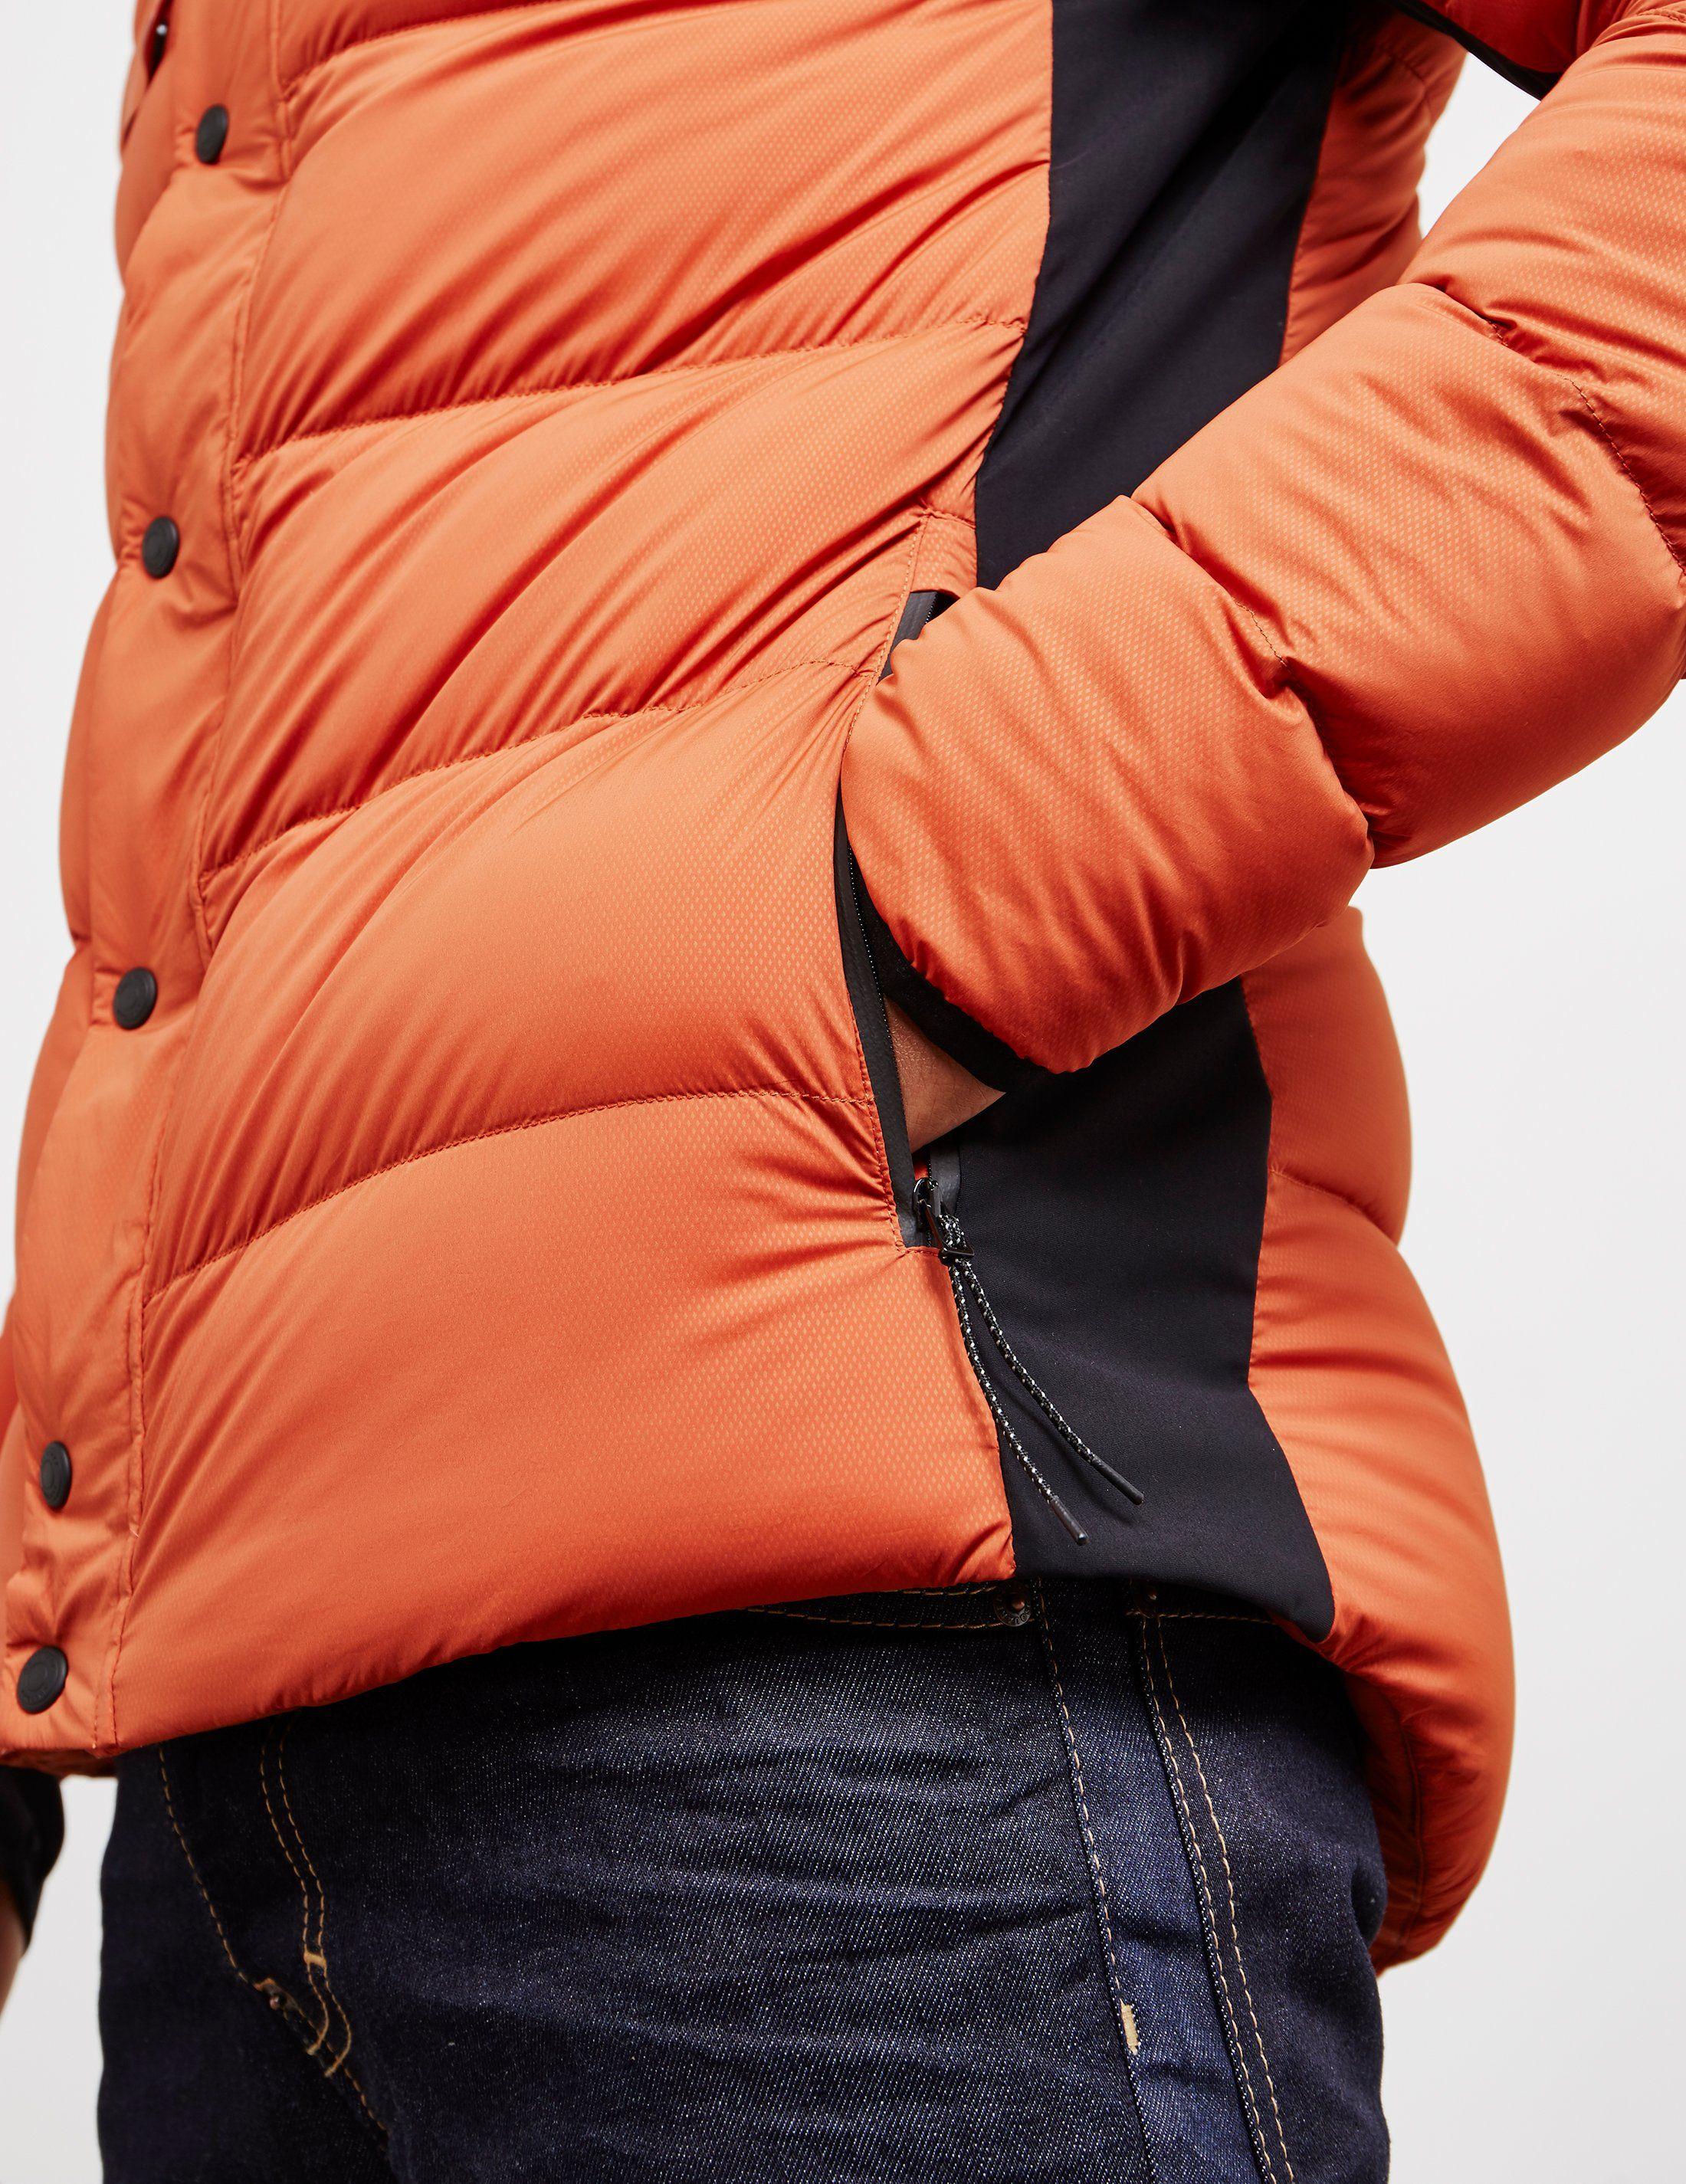 Belstaff Atlas Padded Jacket - Online Exclusive